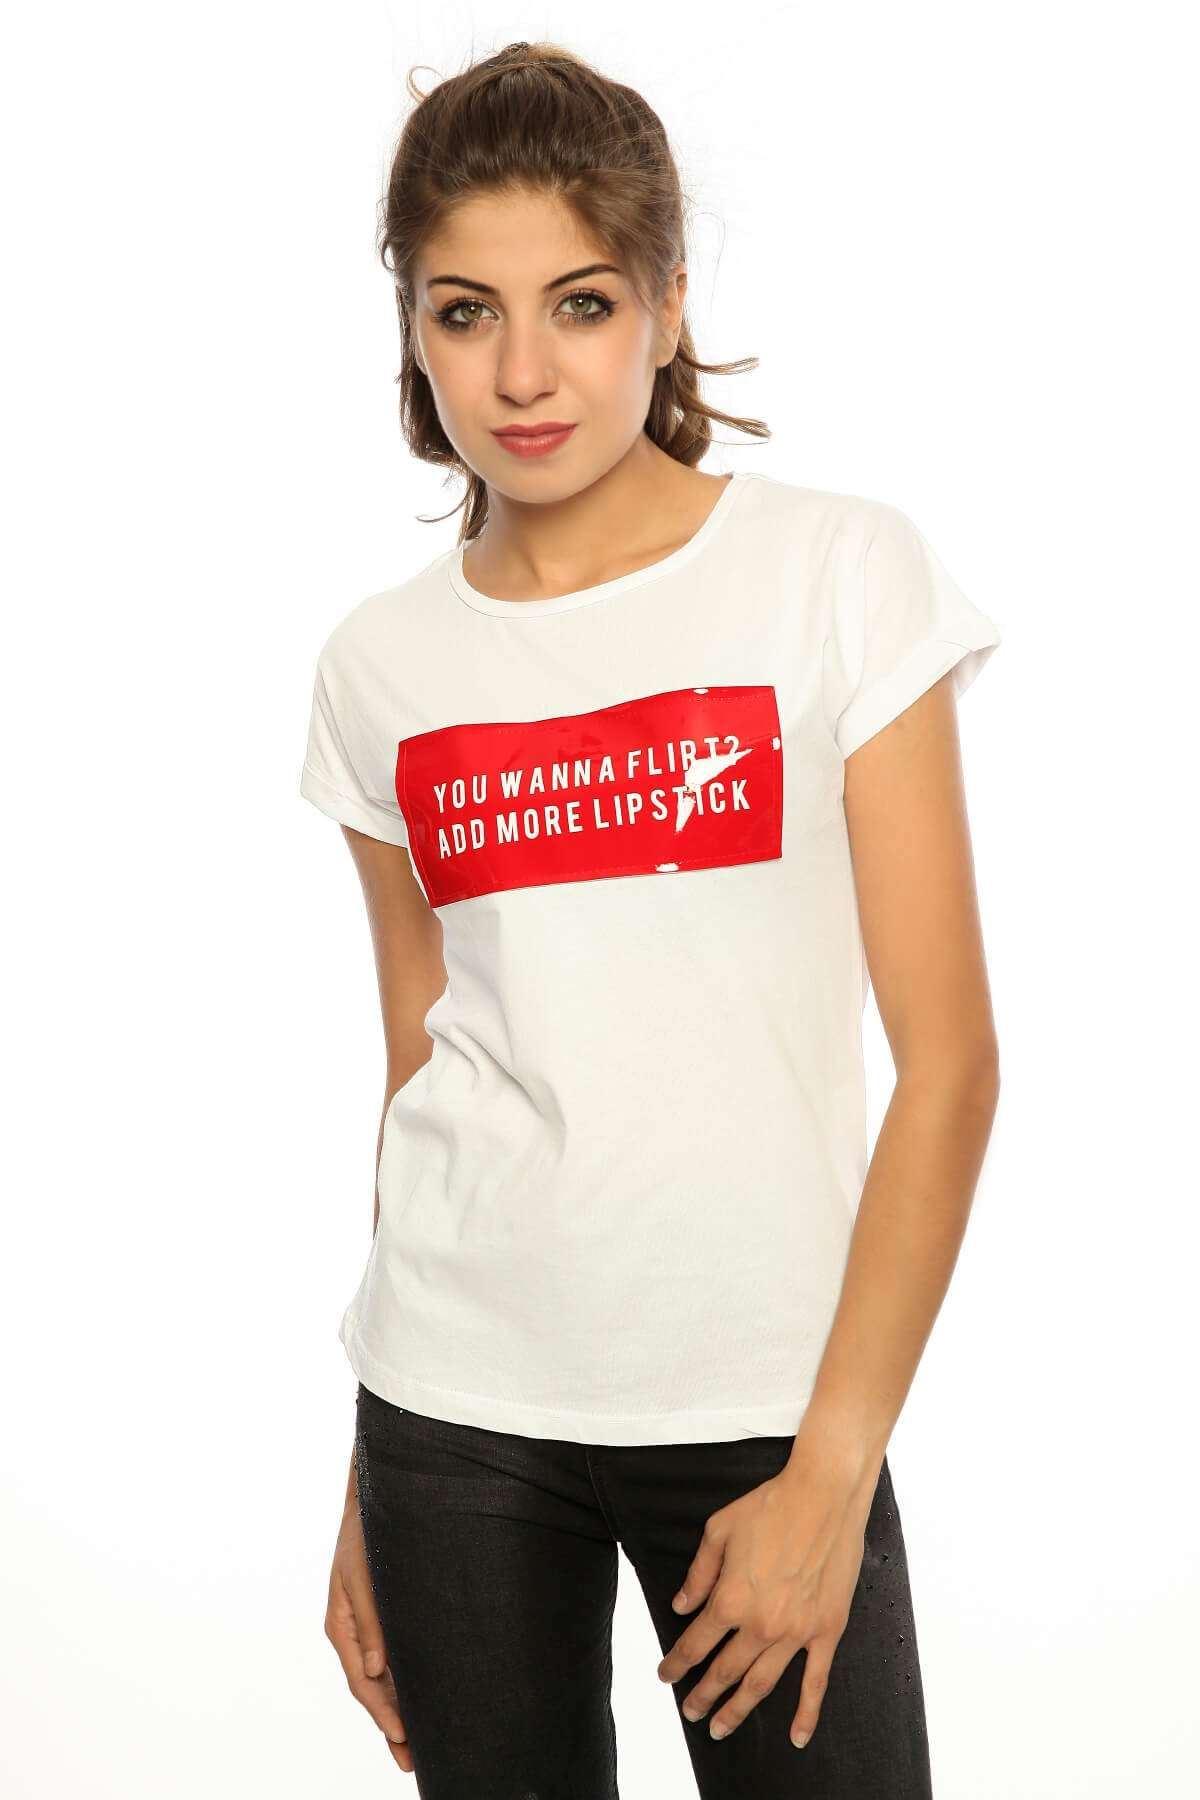 Önü Slikon Geniş Yaka Tişört Byz-Kırmızı